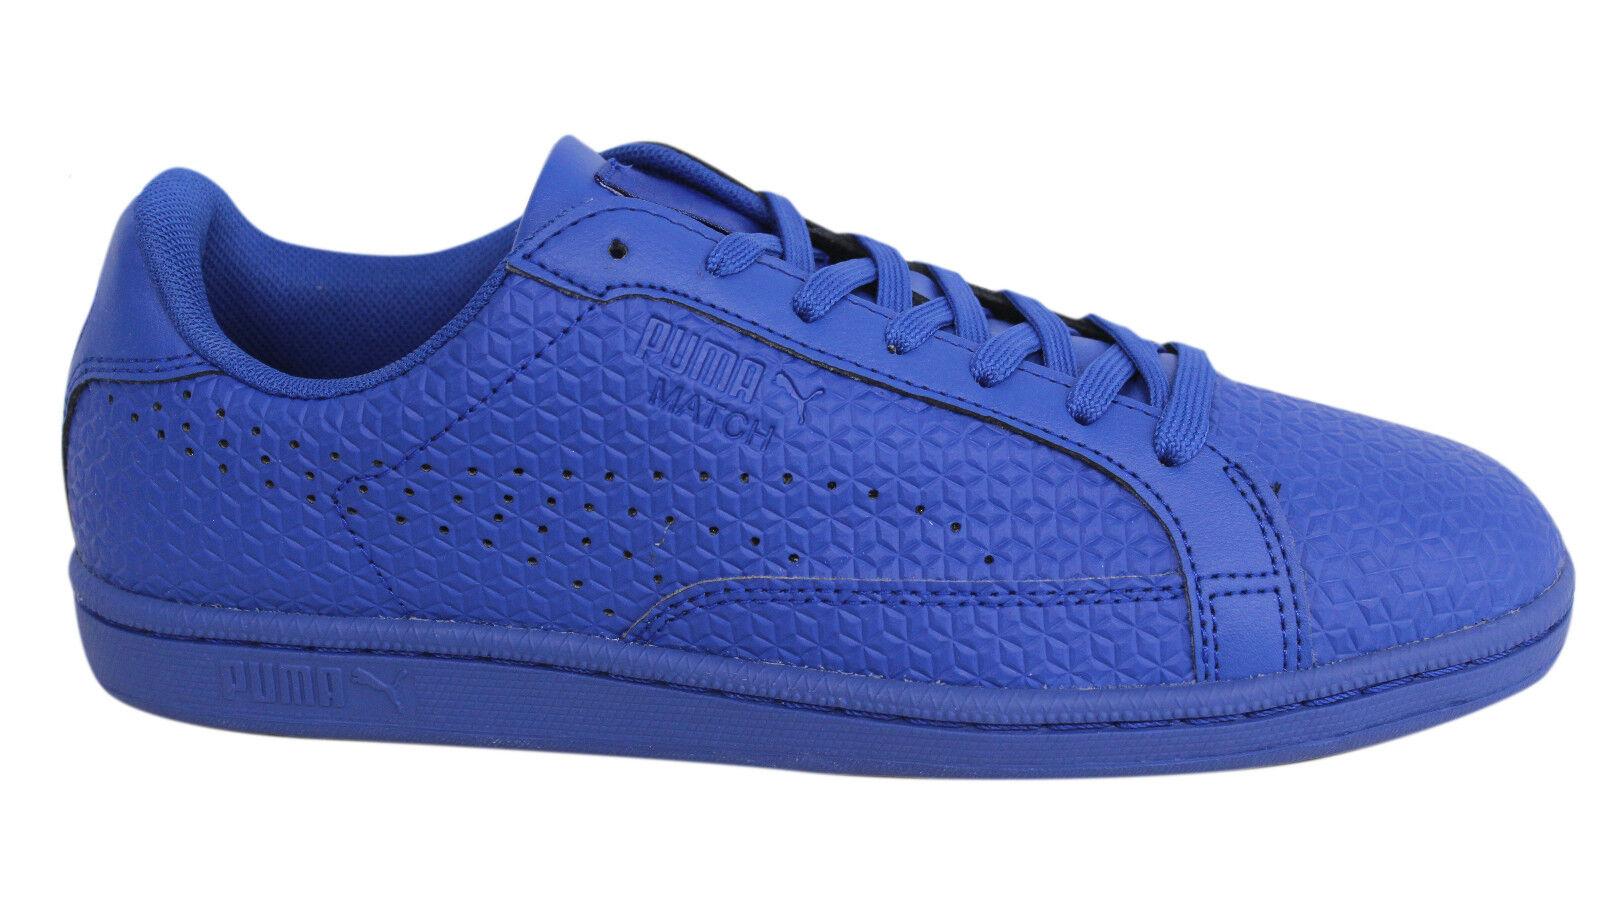 Puma cordon Match Emboss cordon Puma azul deslumbrante de cuero sintetico de formadores 362227 06 D47 comodo y atractivo a9e471